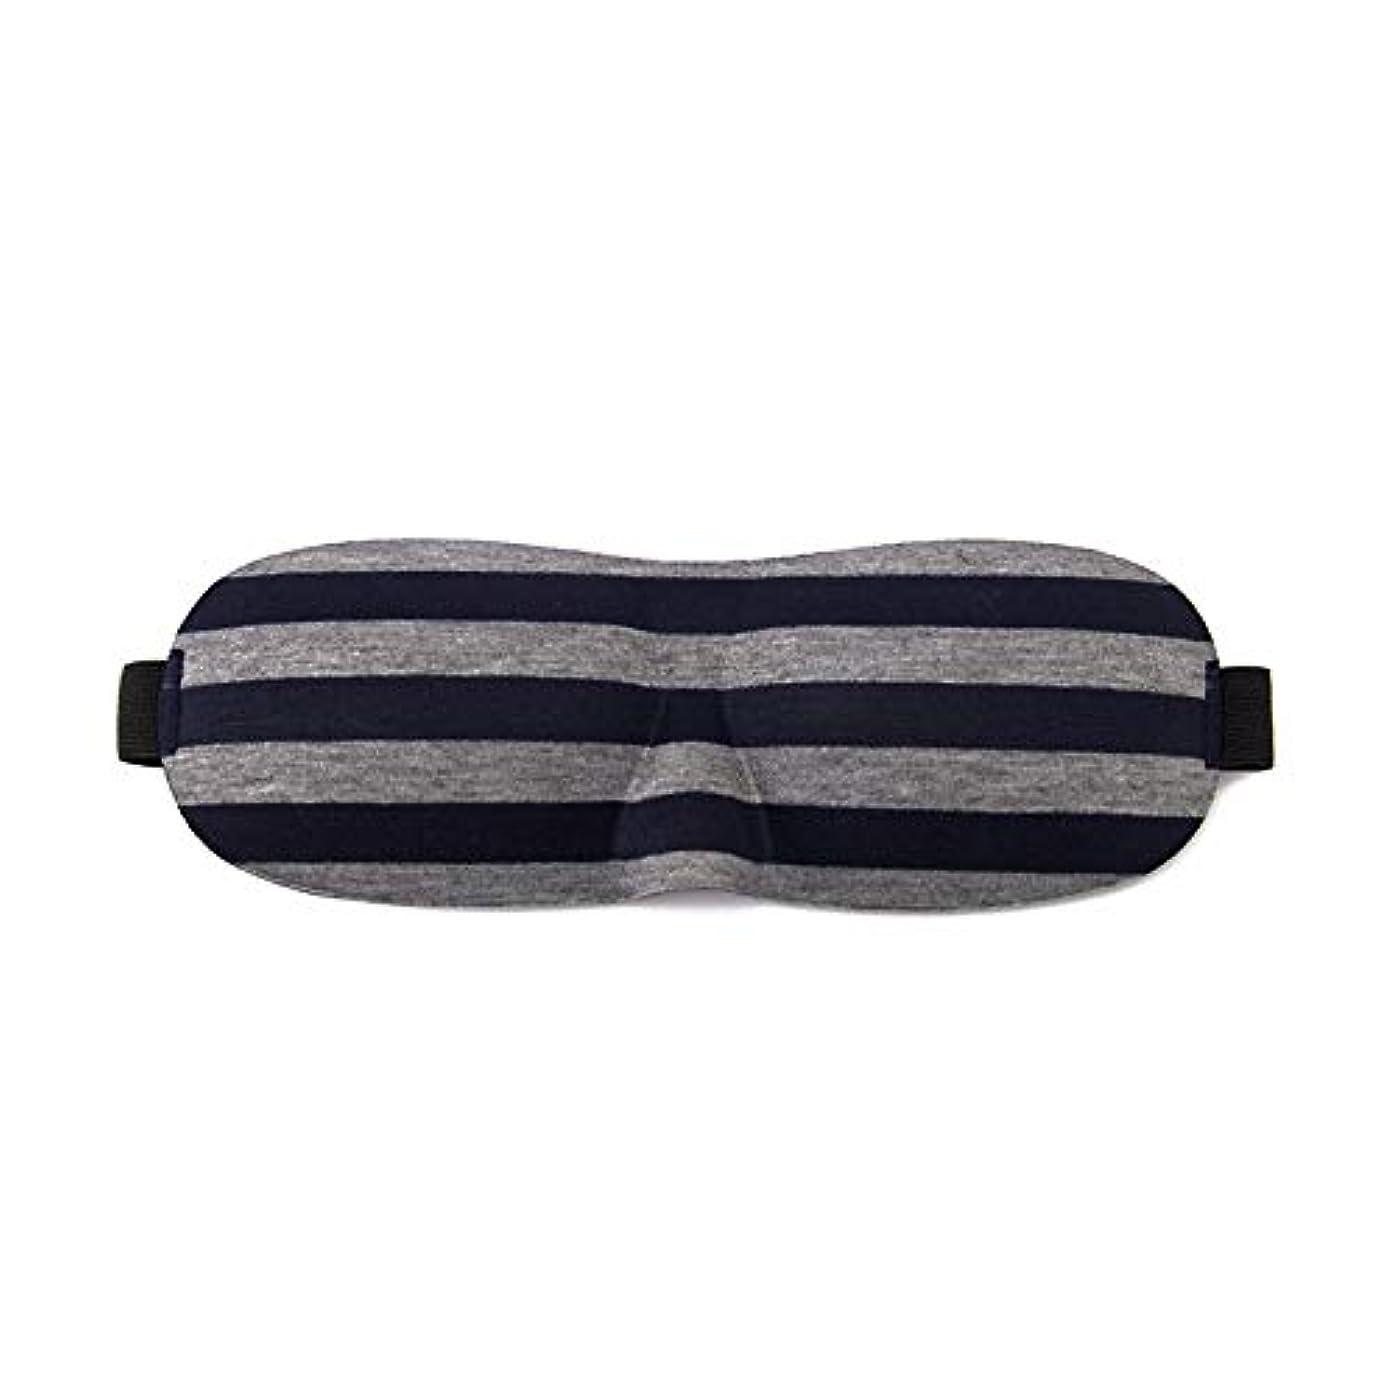 ダルセット内部高価なNOTE 3d睡眠アイマスク睡眠補助目隠し遮光シェードアイパッチ包帯用目の睡眠男性女性旅行残りの健康